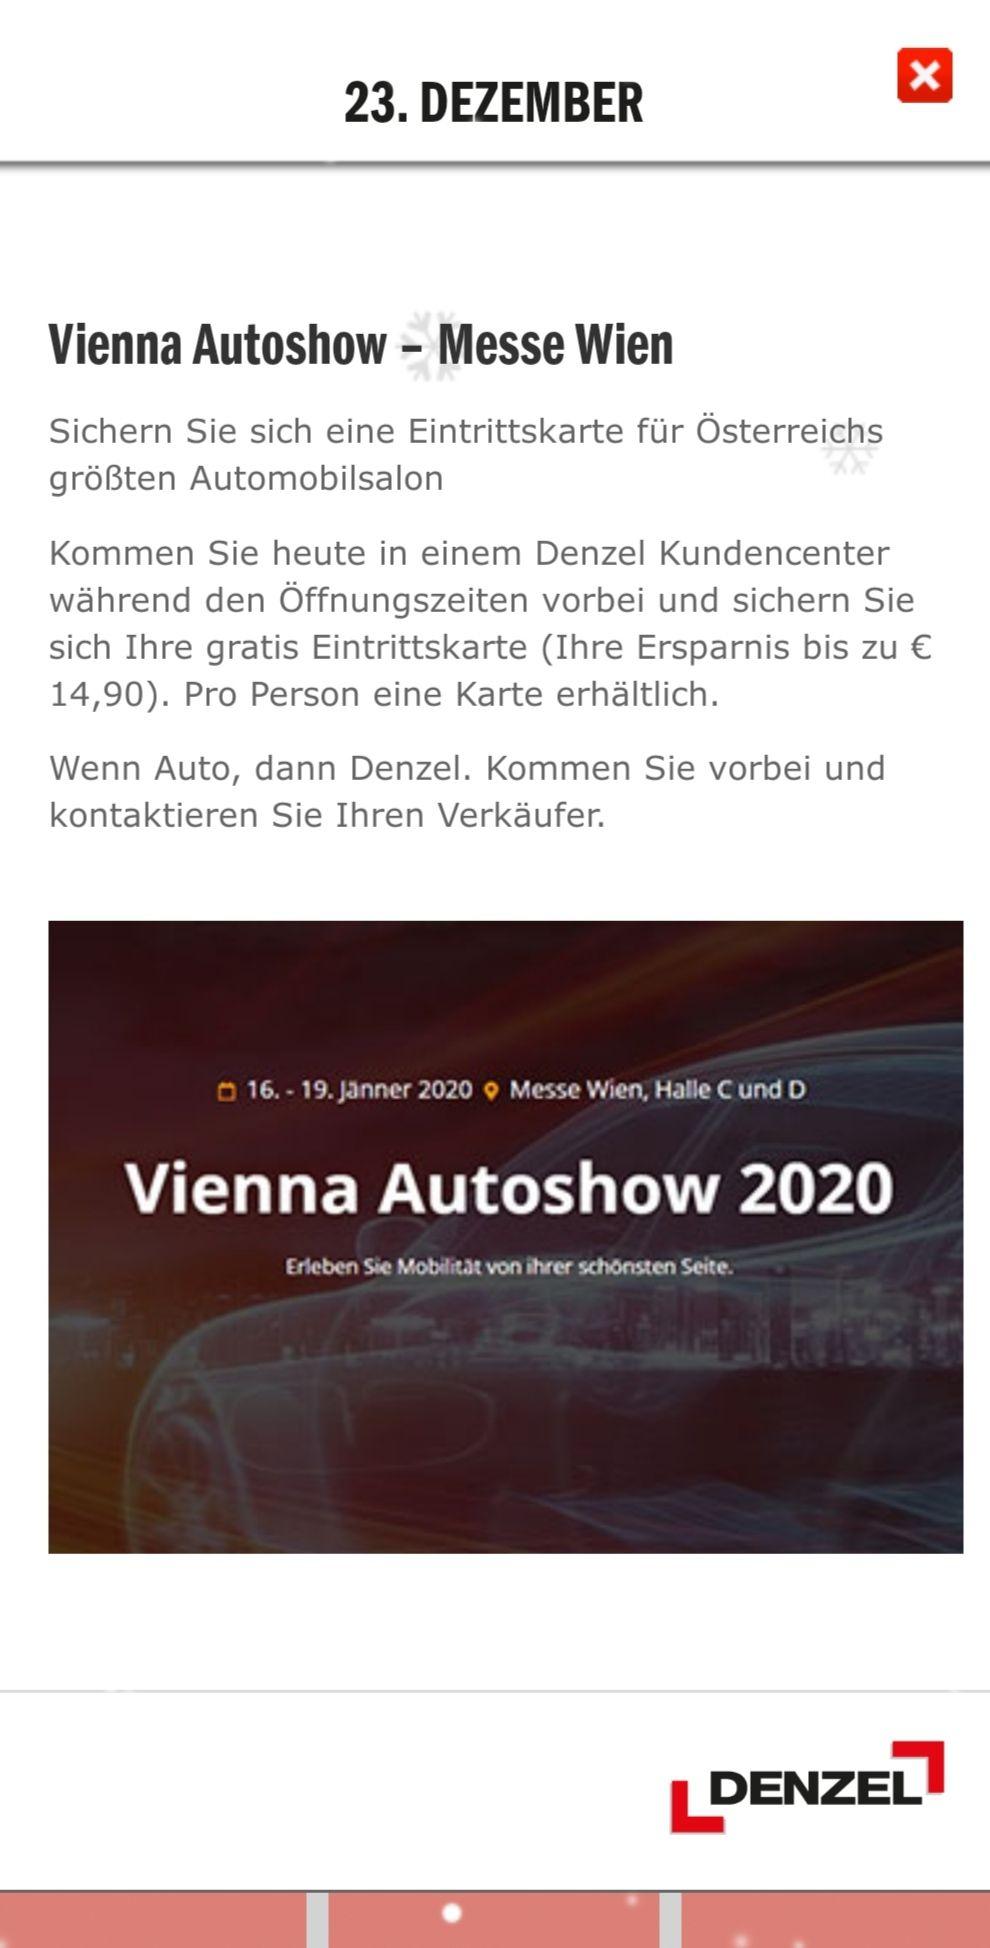 Gratis zur Vienna Autoshow 2020 am Mittwoch, 15.01.2020 (Preview Karte)